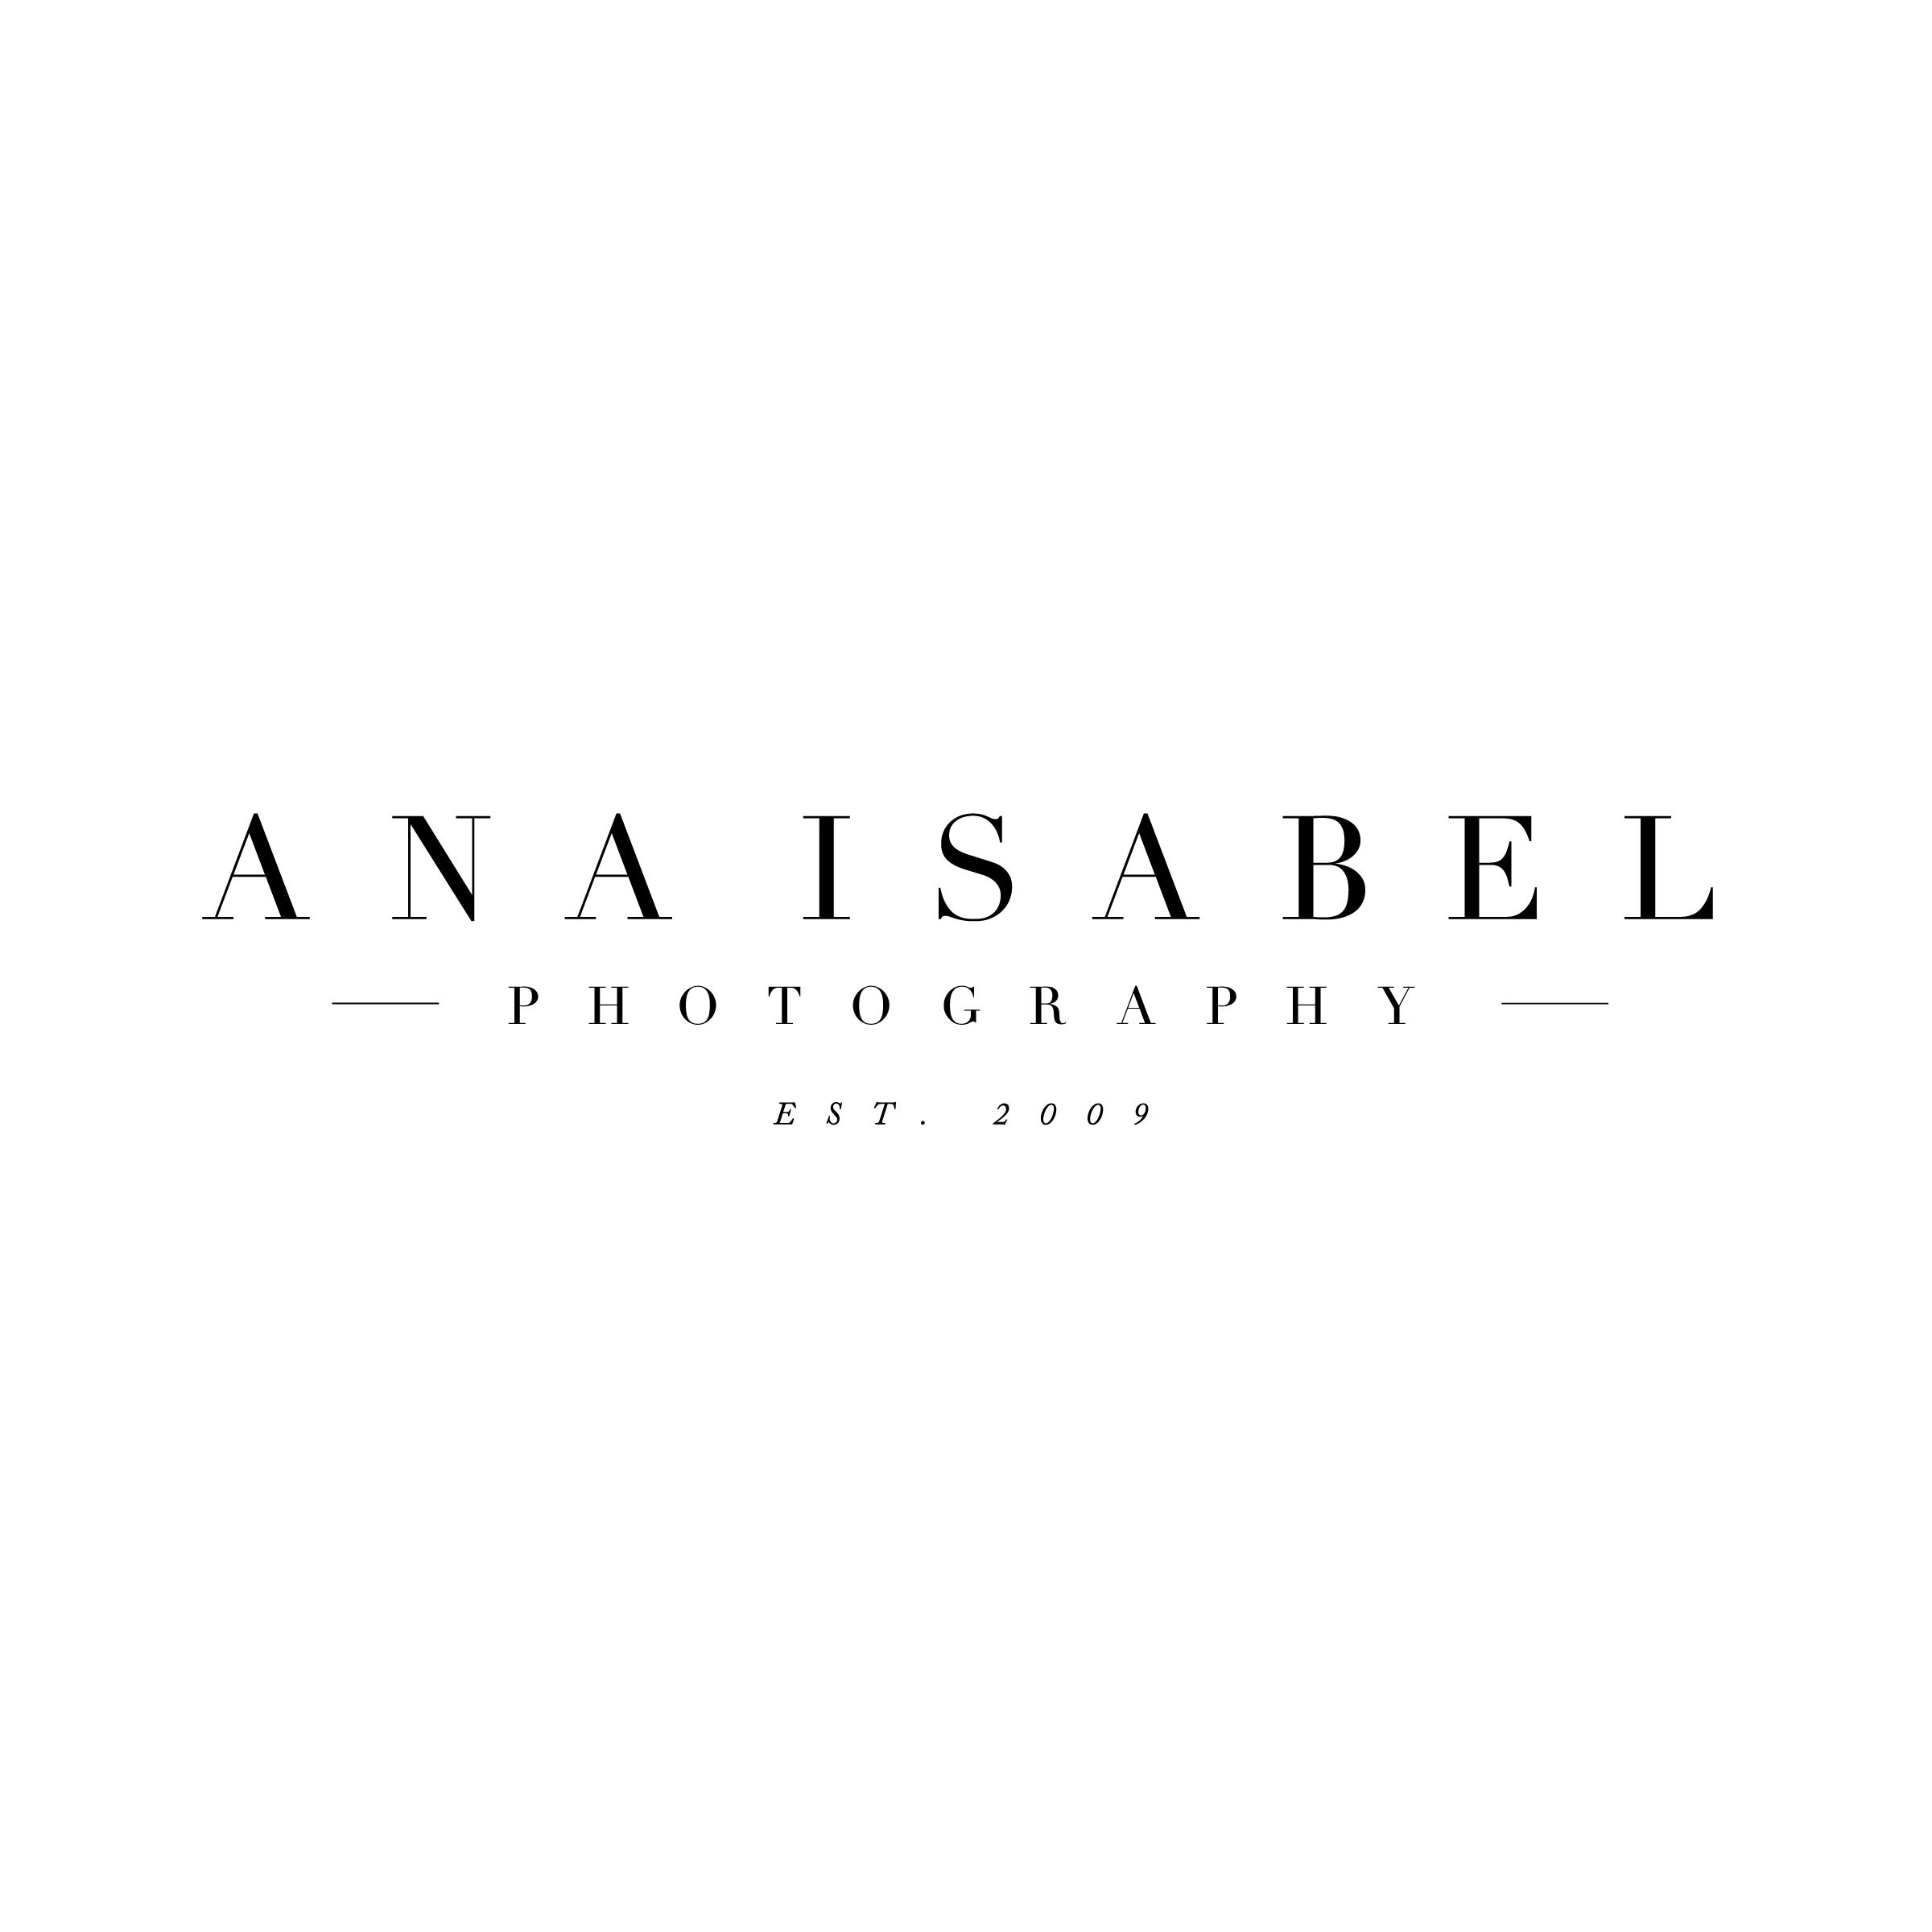 AnaIsabelPhotographylogo.jpg